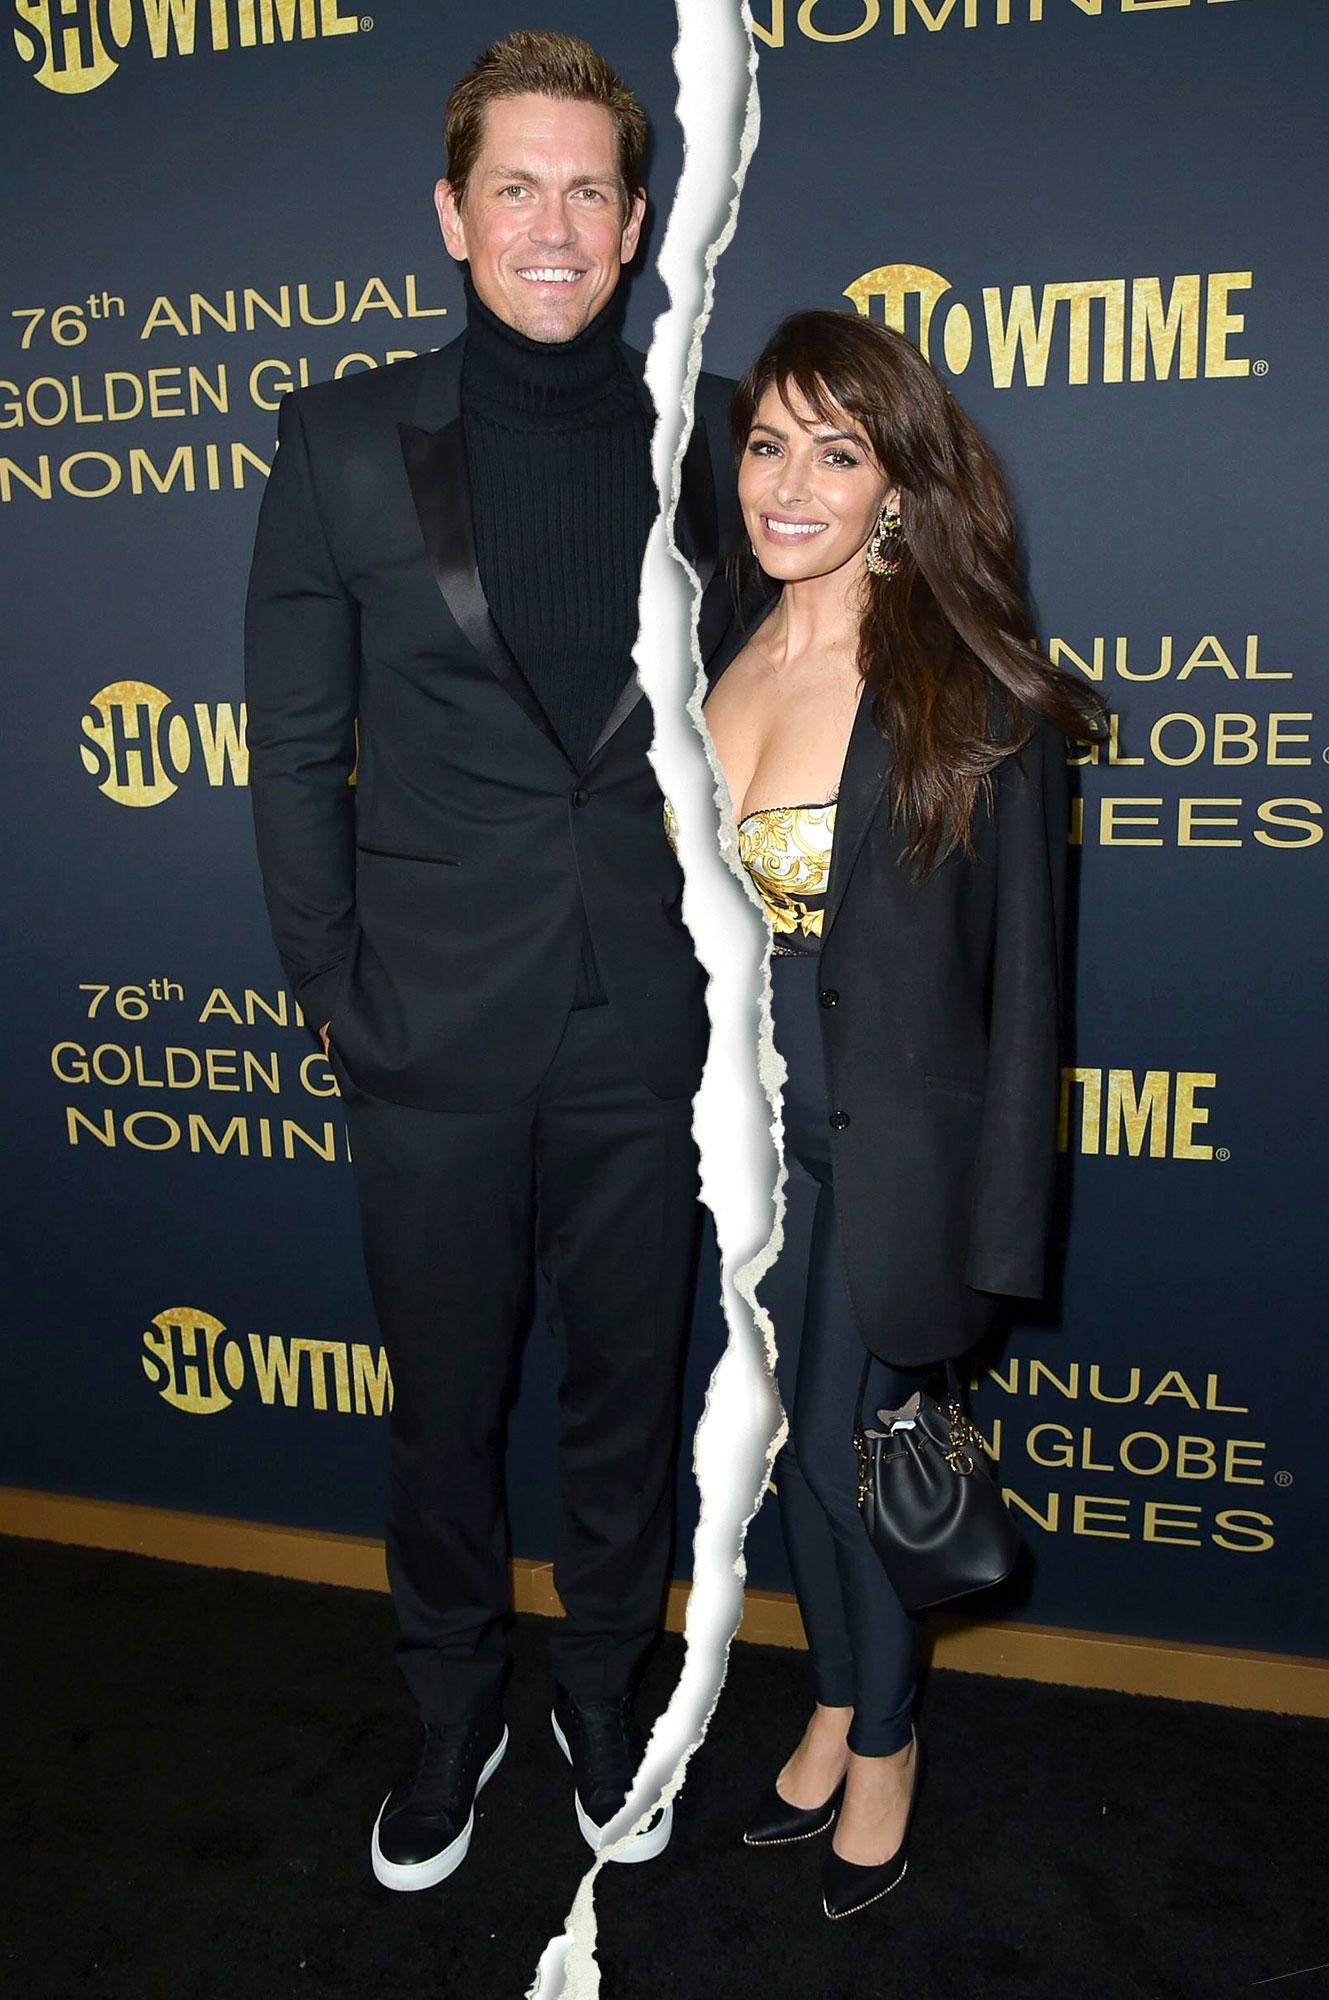 Steve Howey Splits From Wife Sarah Shahi